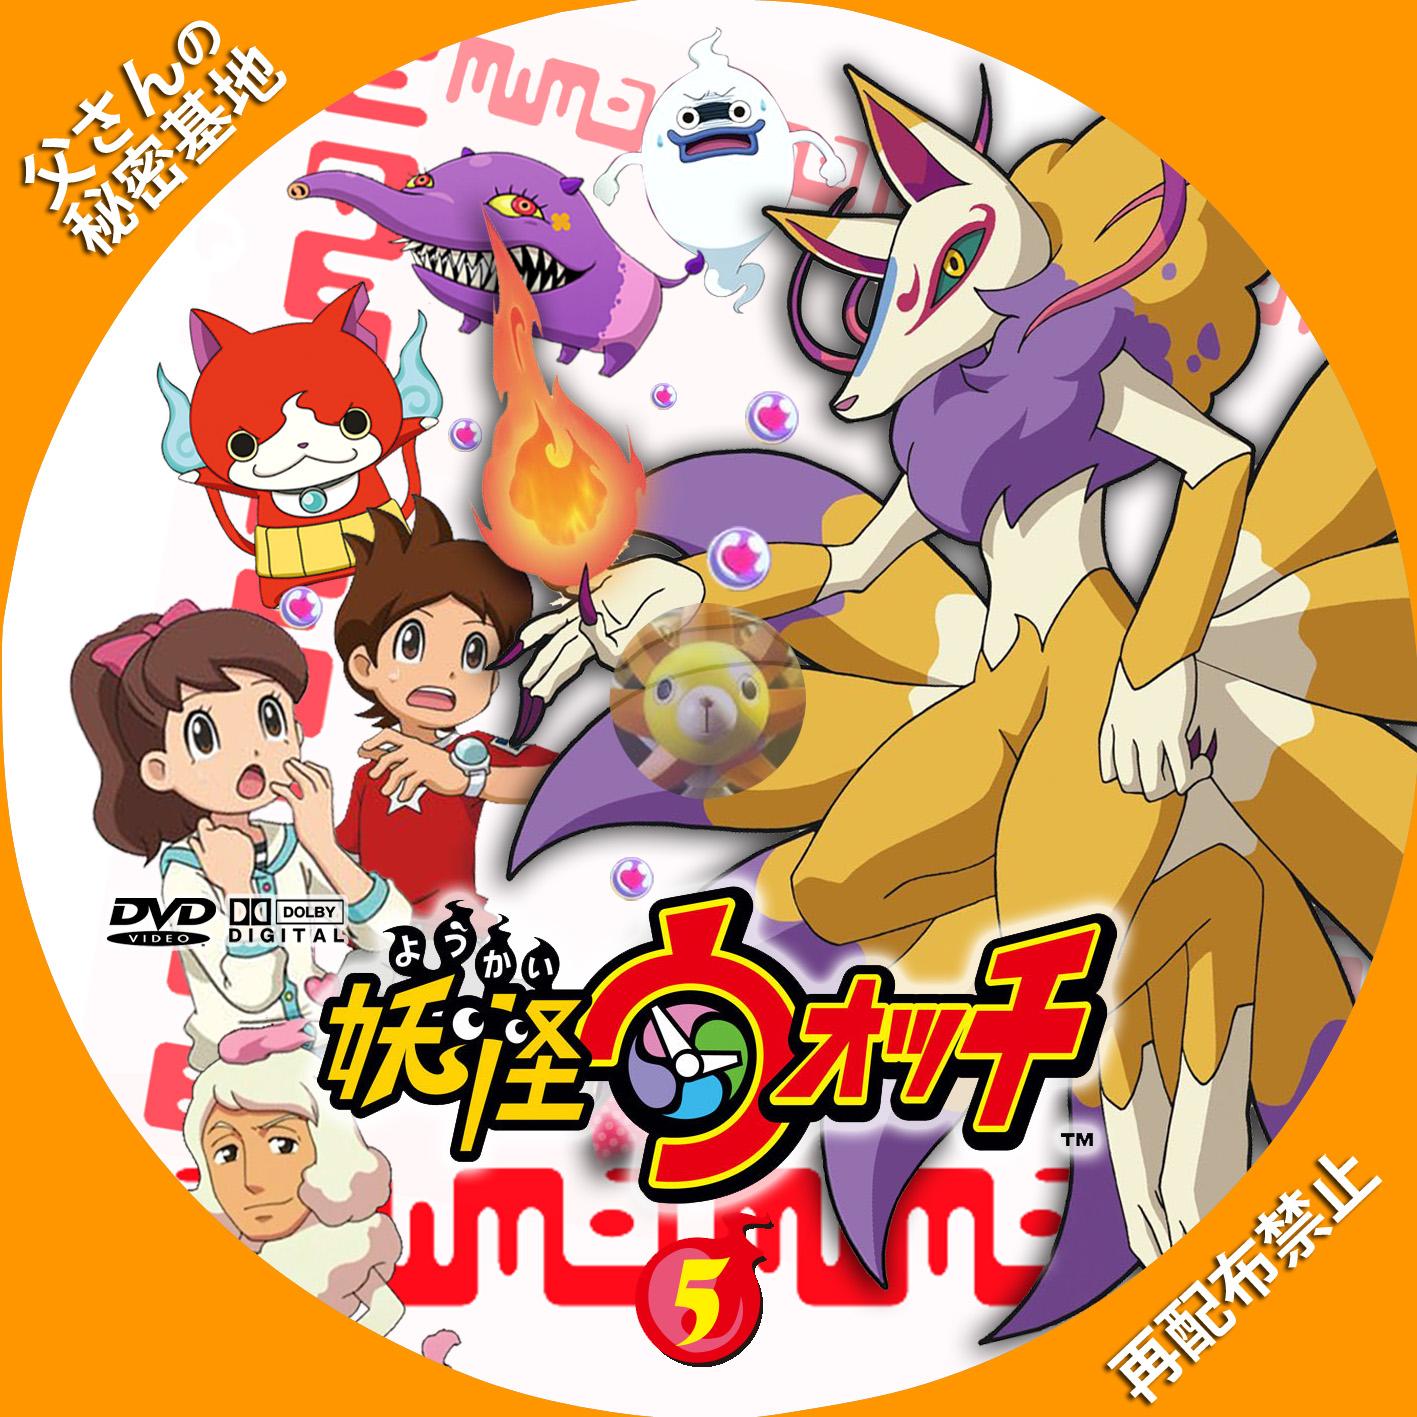 youkai-watch_05a.jpg